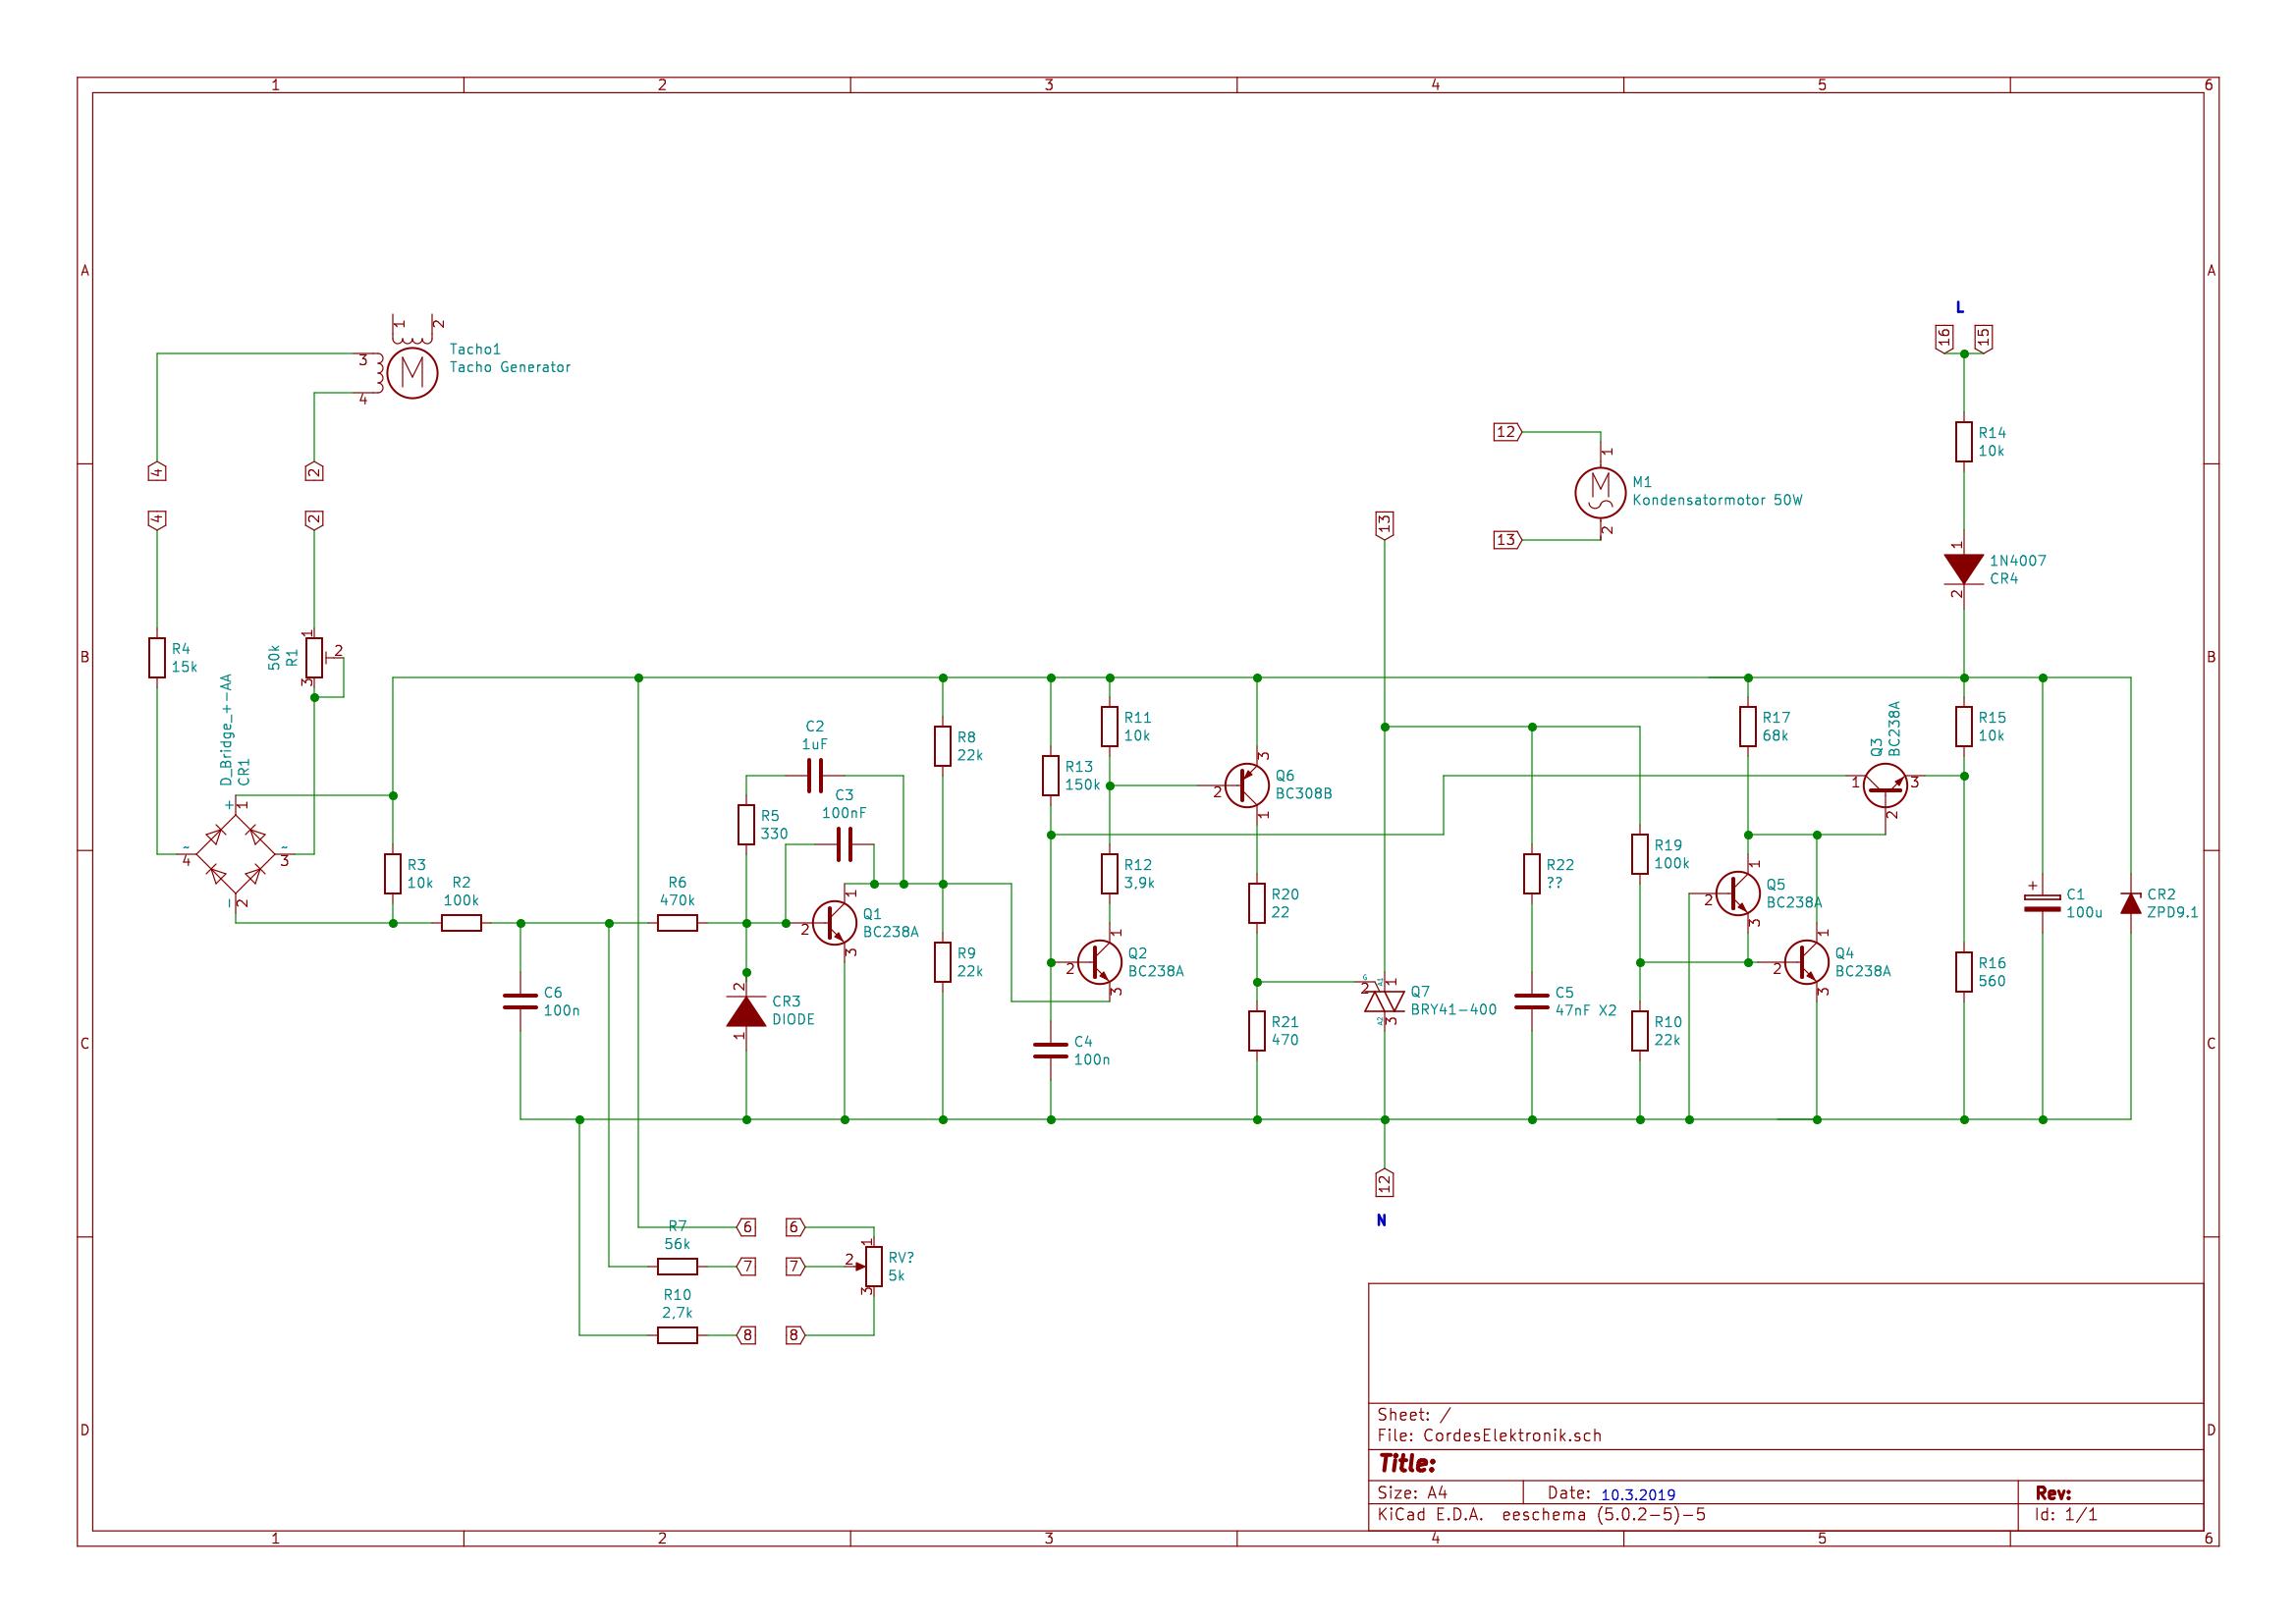 Descielectronics Faq V324 Stand 1642019